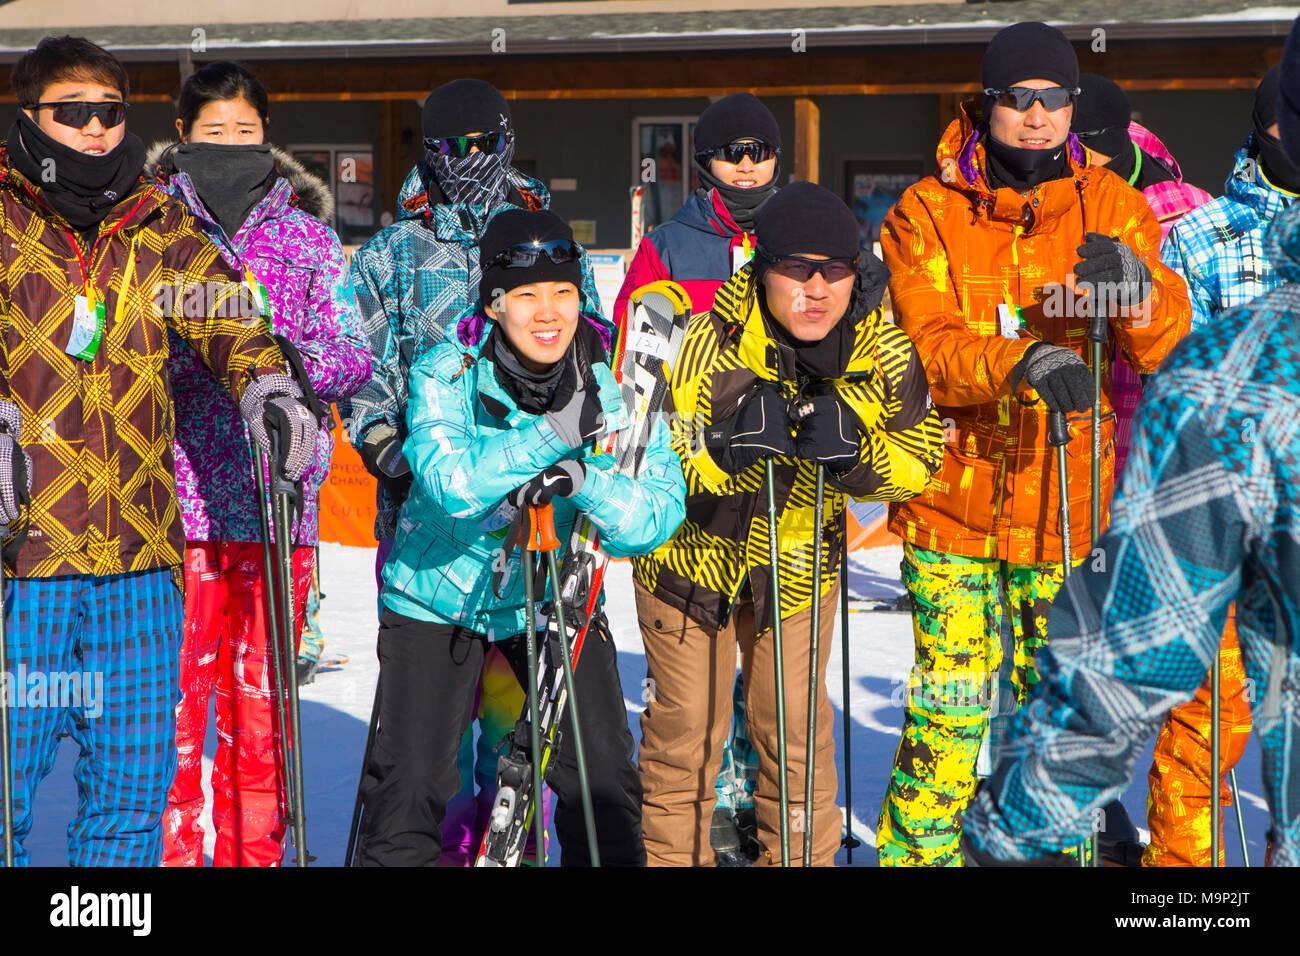 Un gruppo di giovani coreani presso il resort Alpensia in Corea del Sud. Tradizionalmente gli sciatori vestito in colori luminosi tute da sci. Il Alpensia Resort è una località sciistica e una attrazione turistica. Esso si trova sul territorio del comune di Daegwallyeong-myeon, nella contea di Pyeongchang, ospitando le Olimpiadi Invernali nel febbraio 2018. La stazione sciistica è di circa 2 ore e mezzo da Seoul o dall'Aeroporto di Incheon in auto, prevalentemente tutti autostrada. Alpensia dispone di 6 piste per lo sci e lo snowboard, con corse fino a 1,4 km (0,87 mi) lungo, per principianti e progrediti, e un'area riservata Immagini Stock